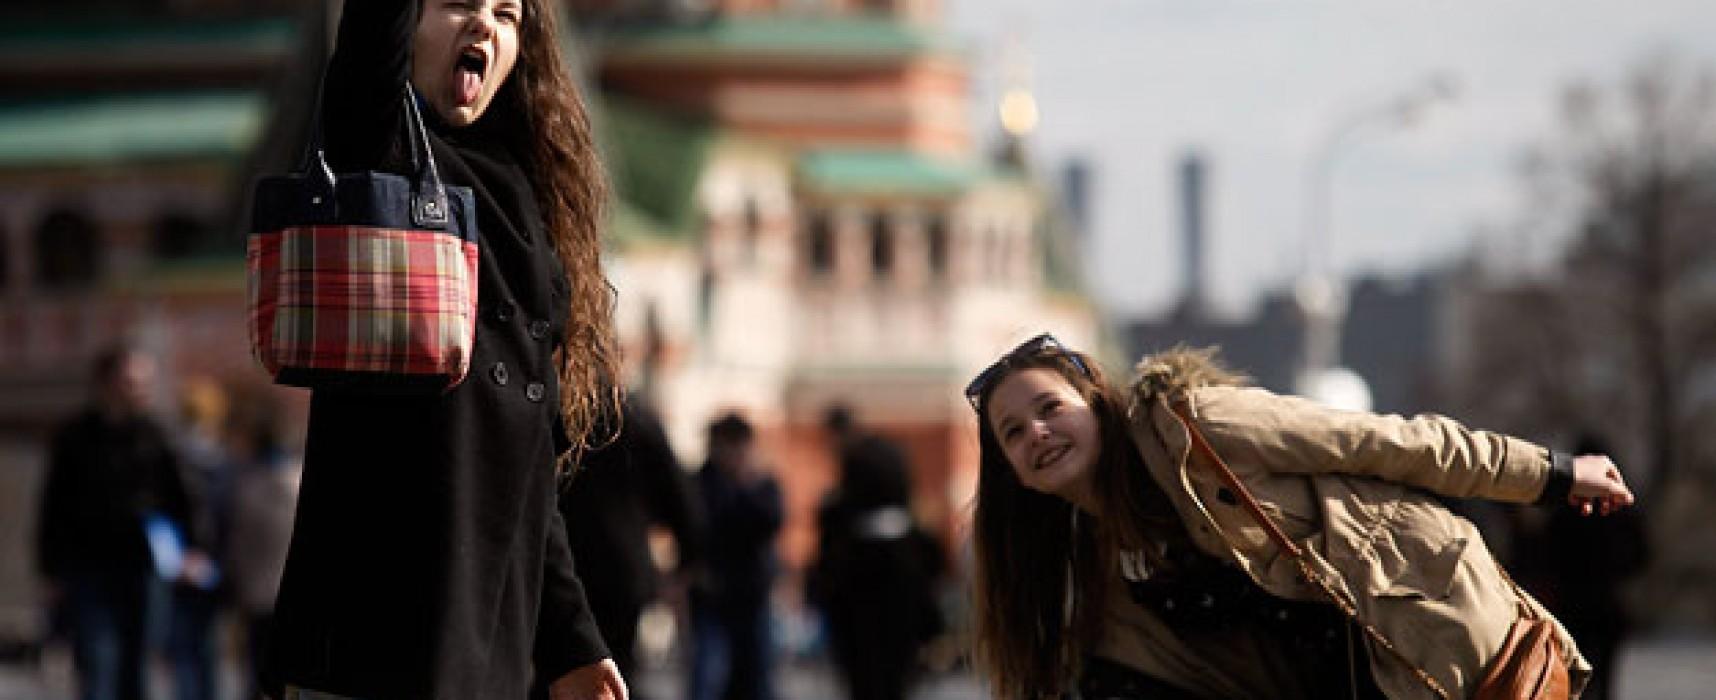 Протестный потенциал российской молодежи